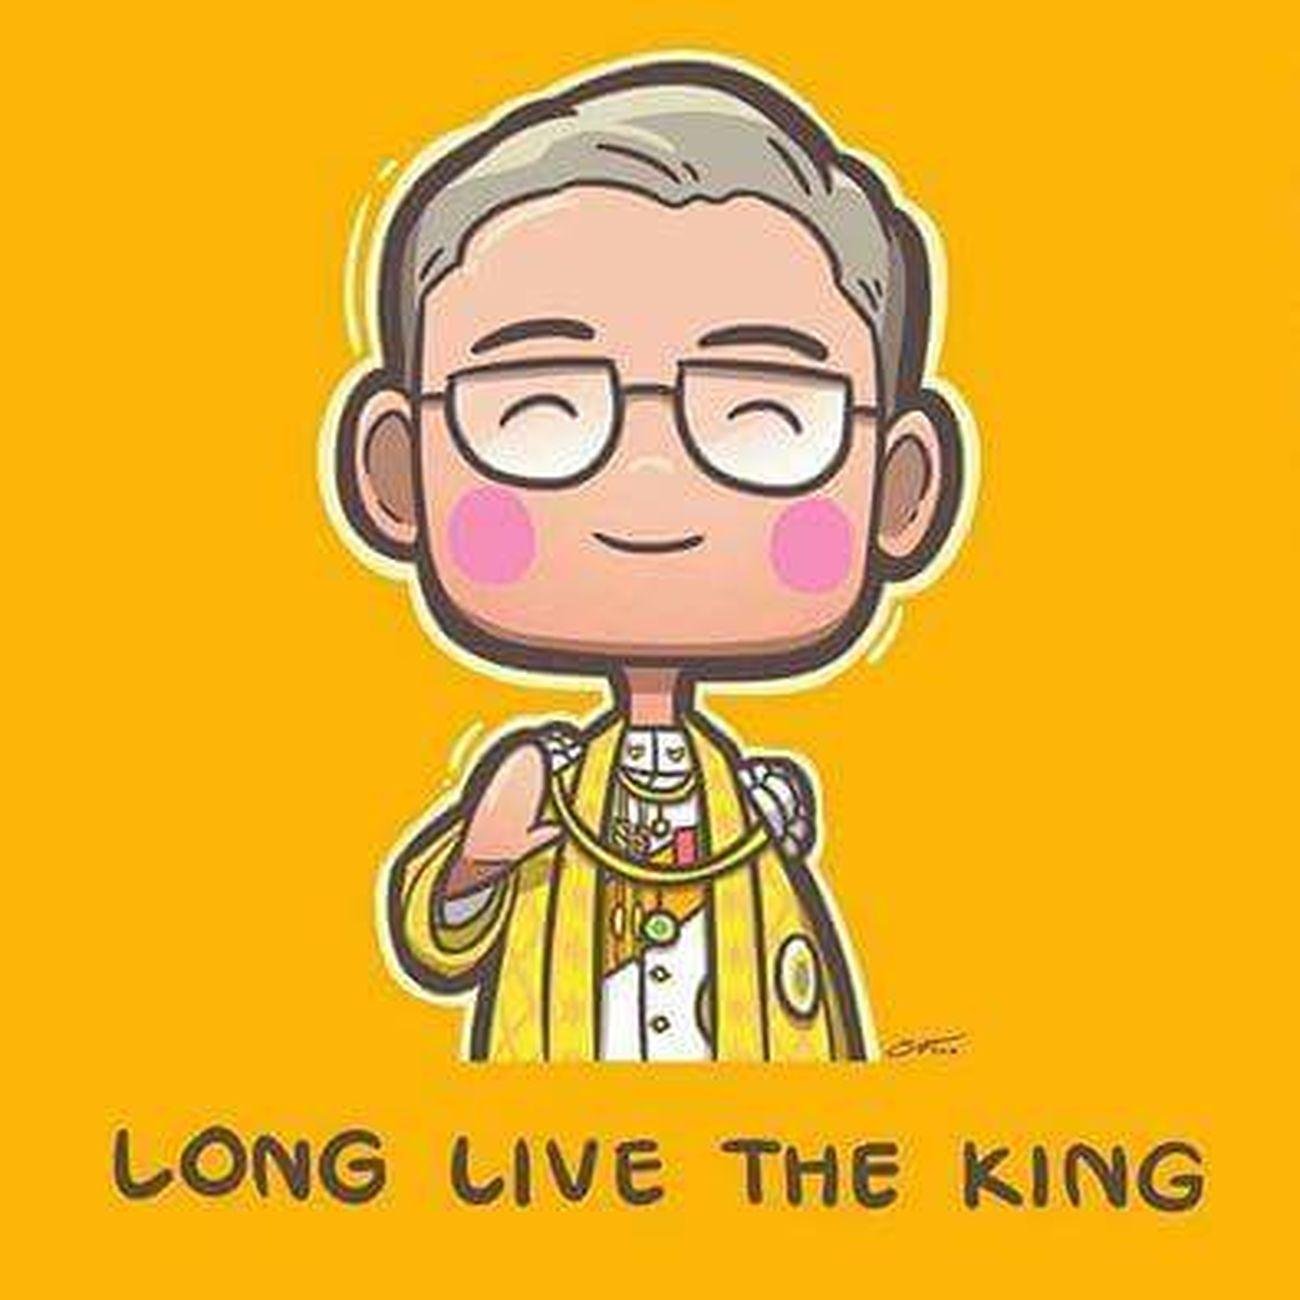 120 ปีน่ะพ่อน่ะ King Of Thailand Hello World Long Live The King Long Live The King Bhumibol Of Thailand Love Popular Photos First Eyeem Photo Yellow Thailand Thai King